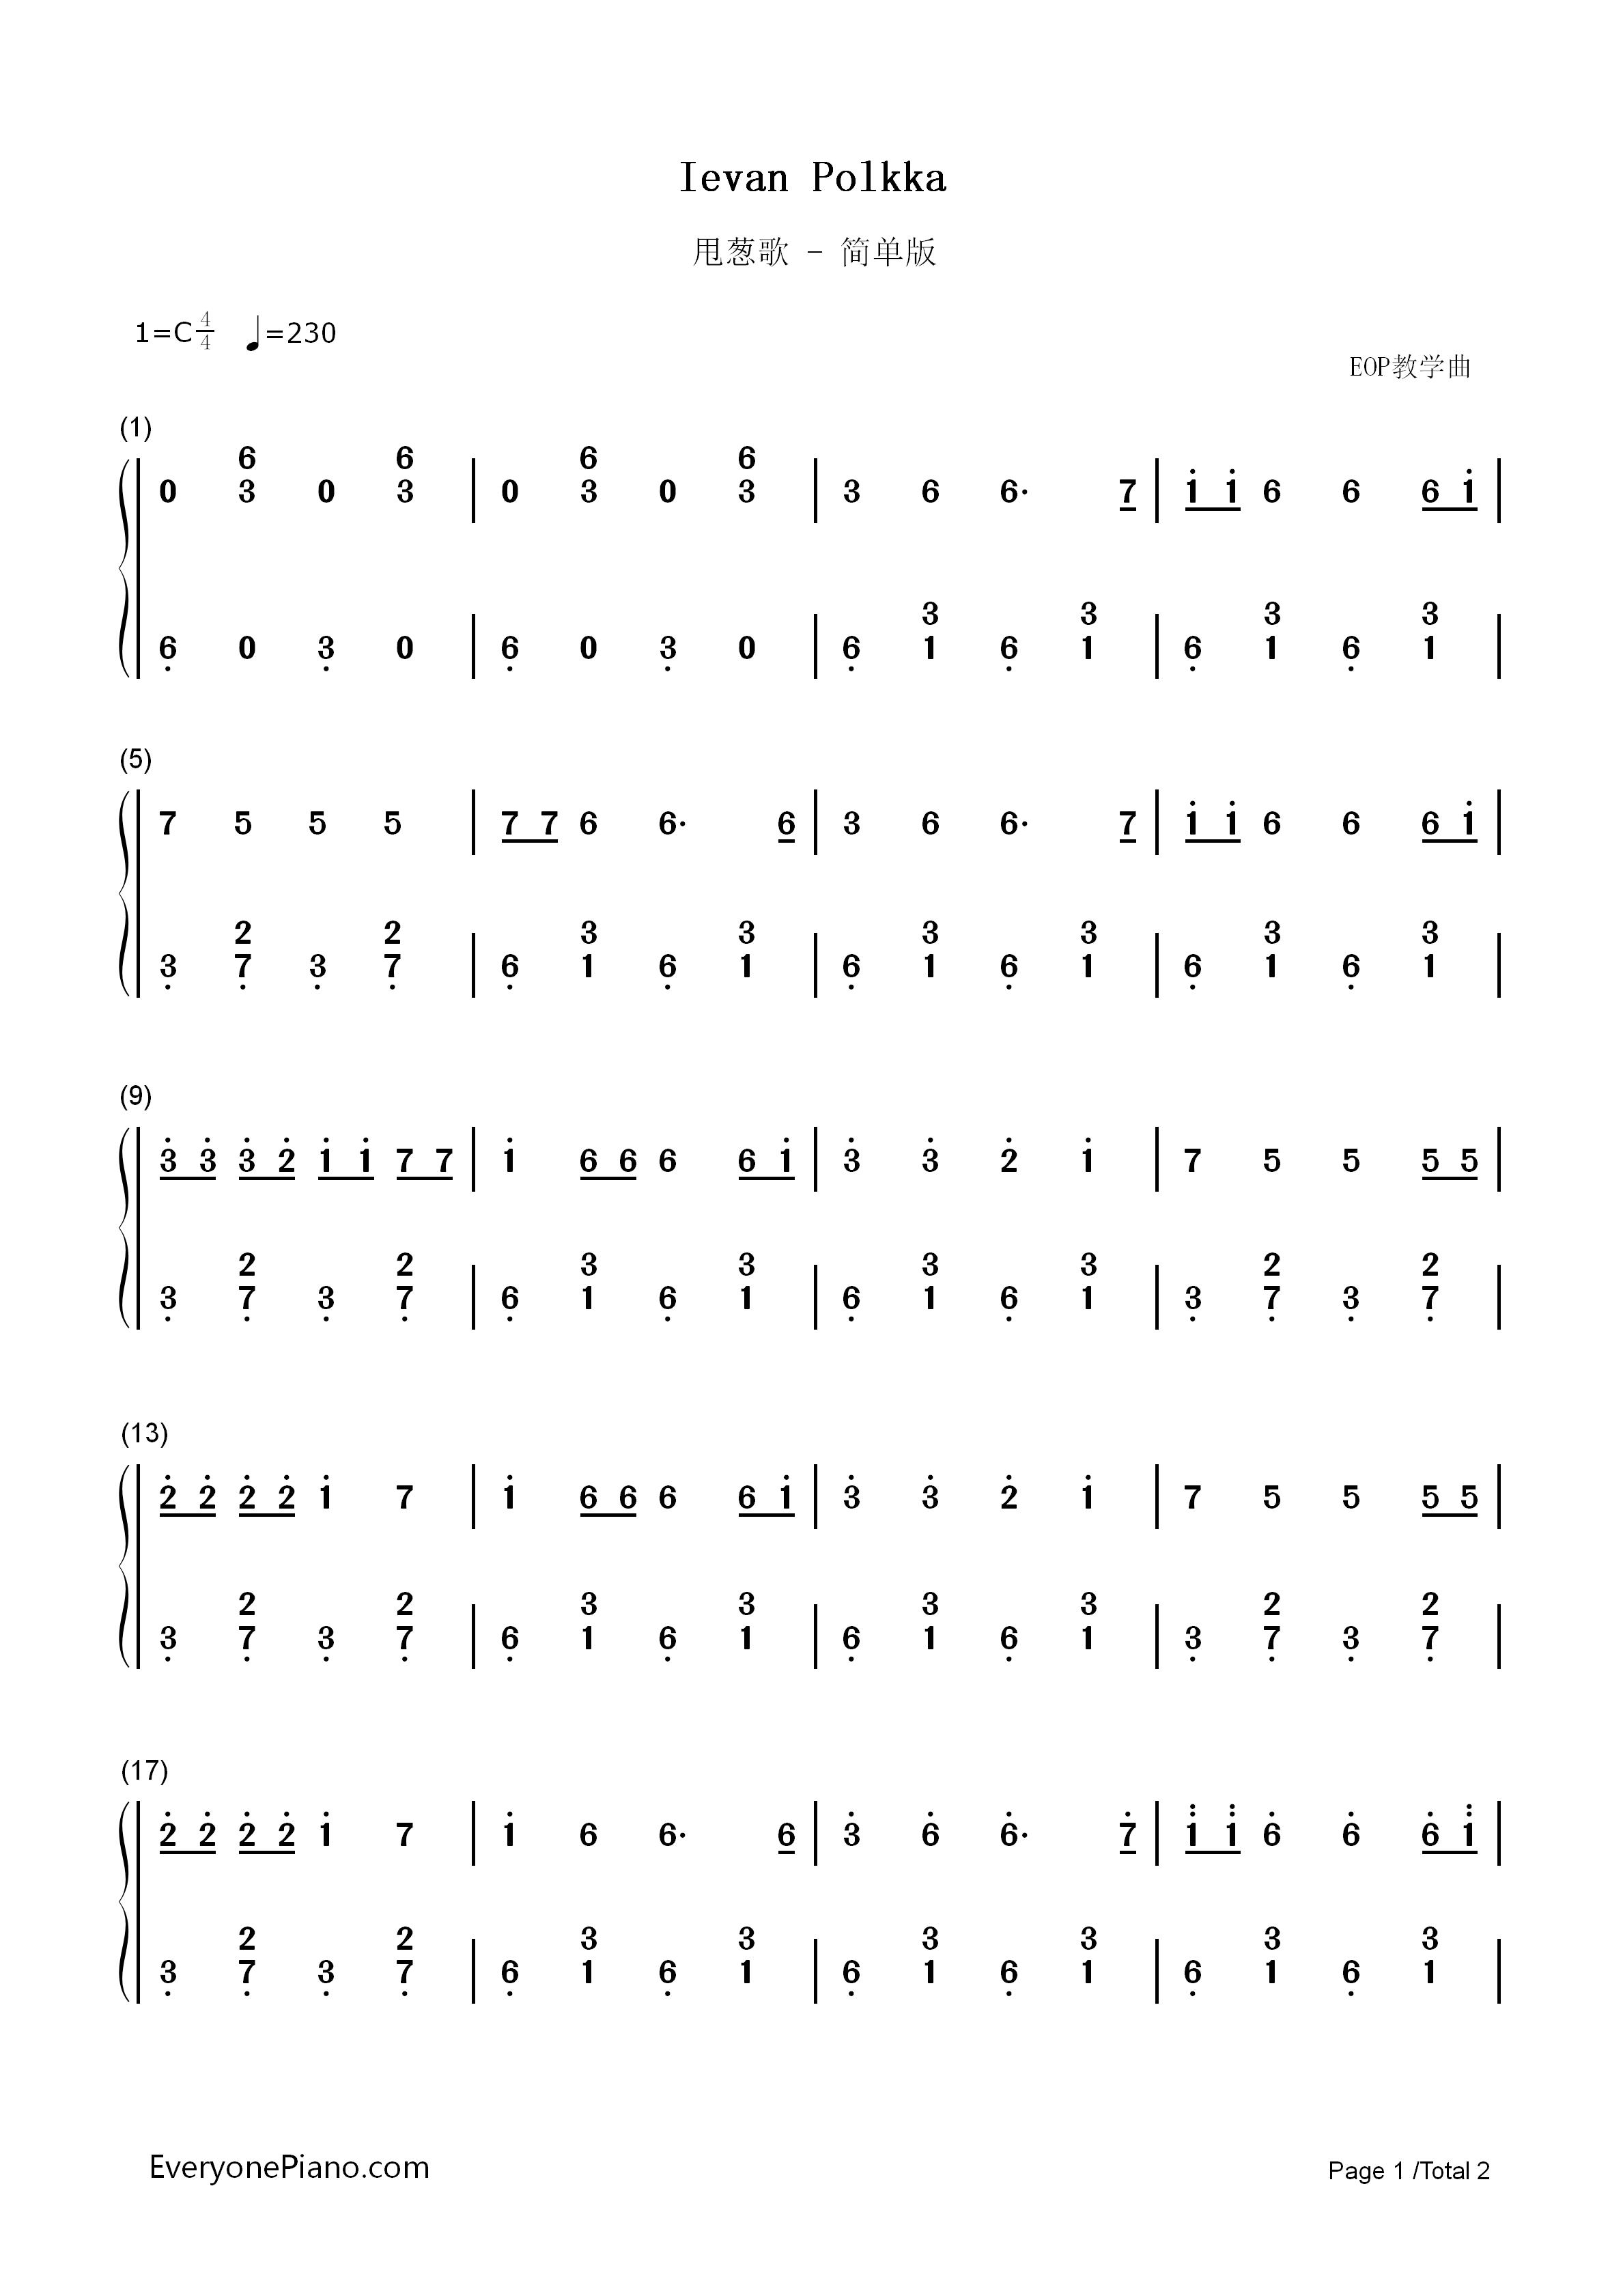 甩葱歌简单版-eop教学曲双手简谱预览1-钢琴谱(五线谱